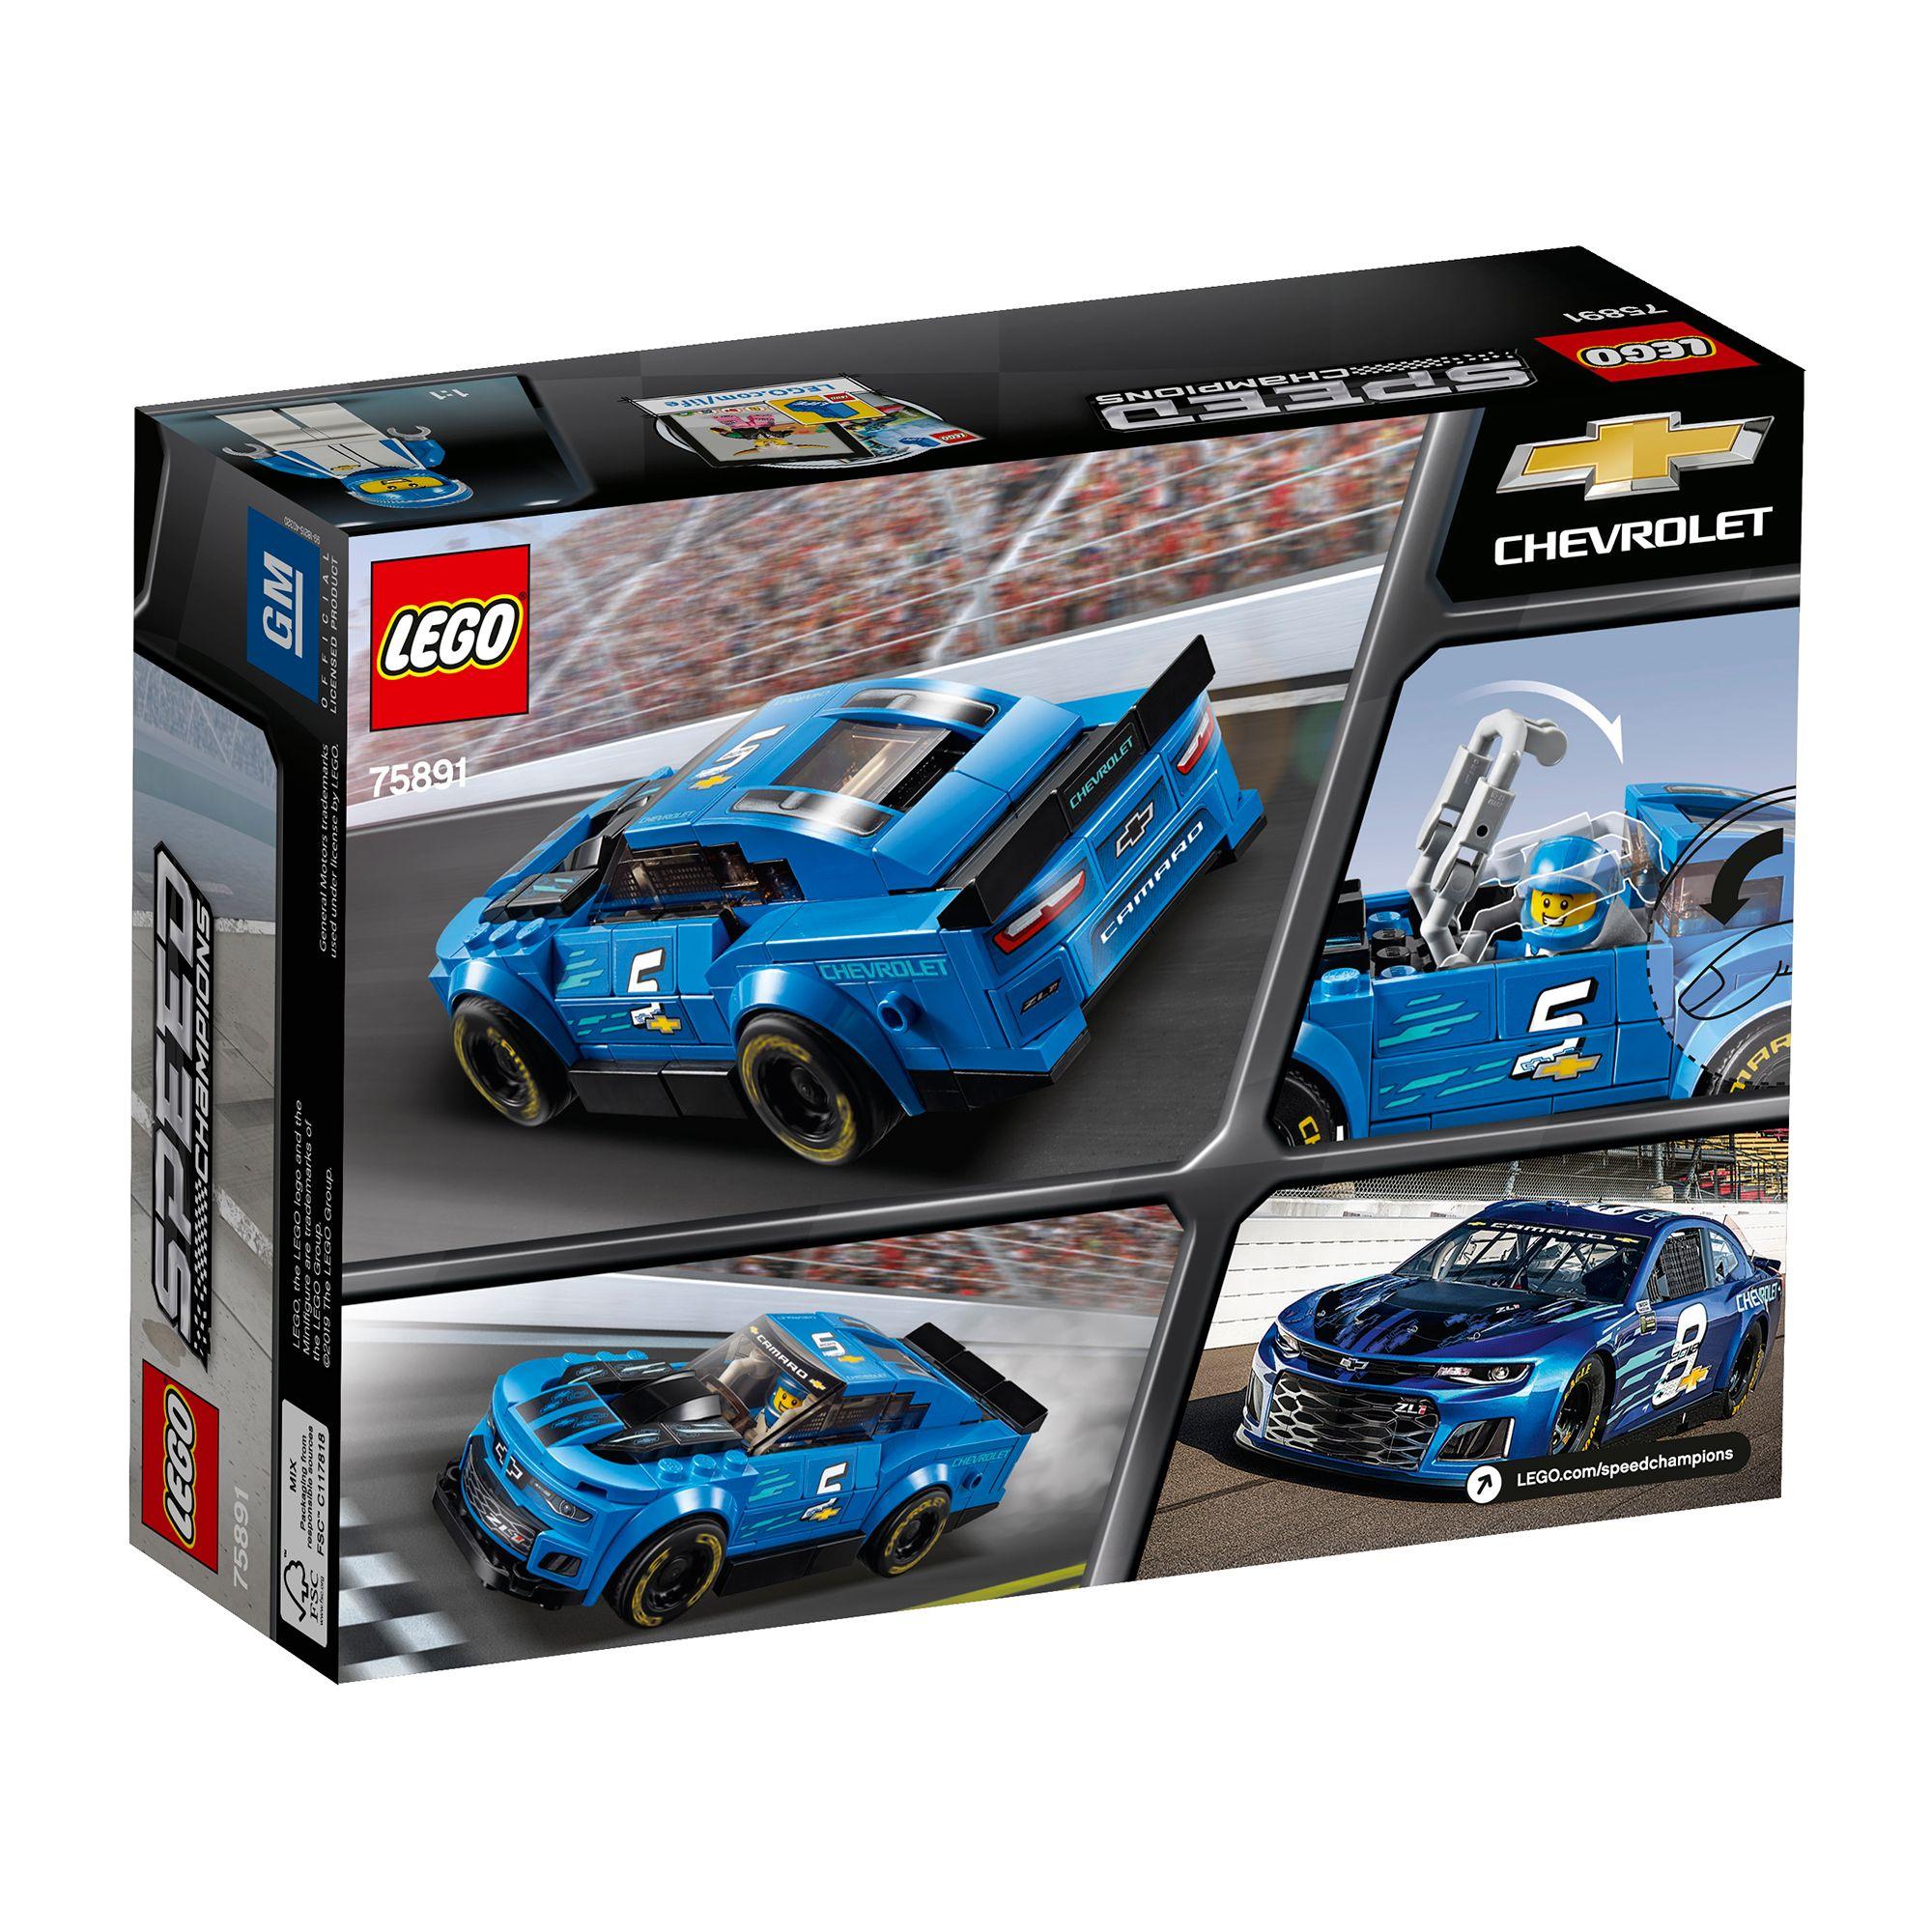 Masina de curse Chevrolet Camaro ZL1 (75891) | LEGO - 5